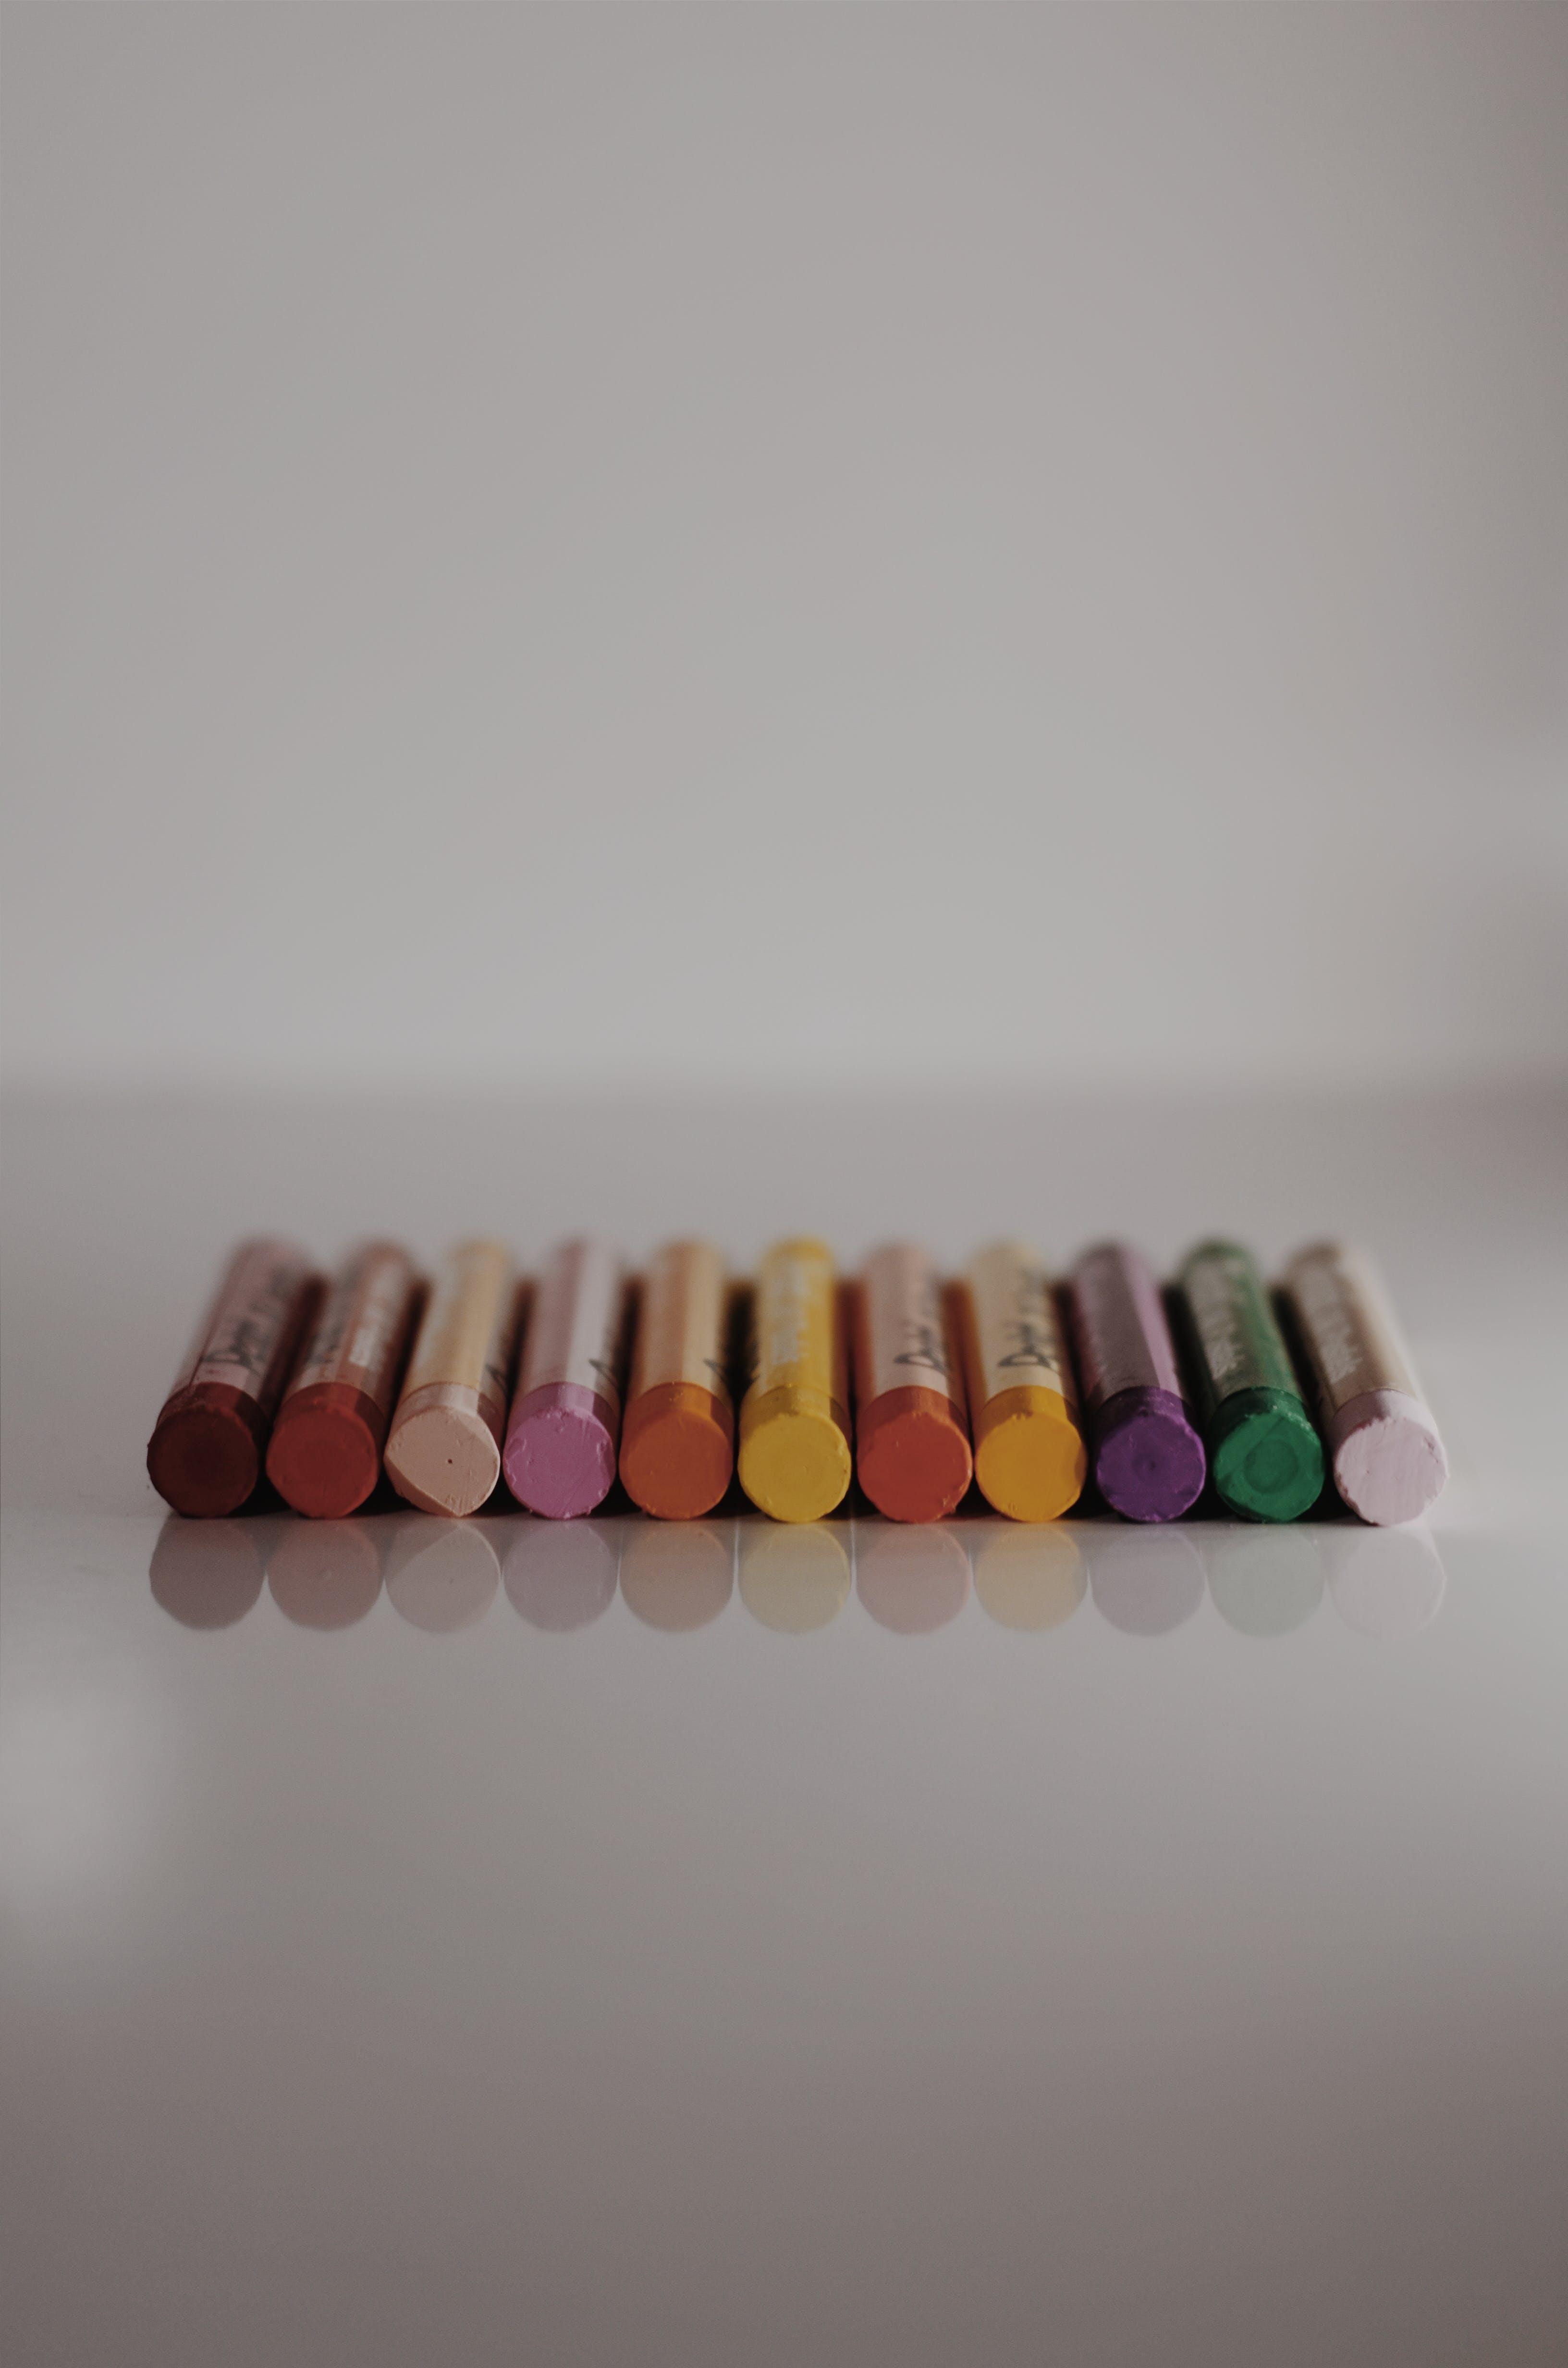 Kostenloses Stock Foto zu bunt, farben, tiefenschärfe, wachsmalstifte